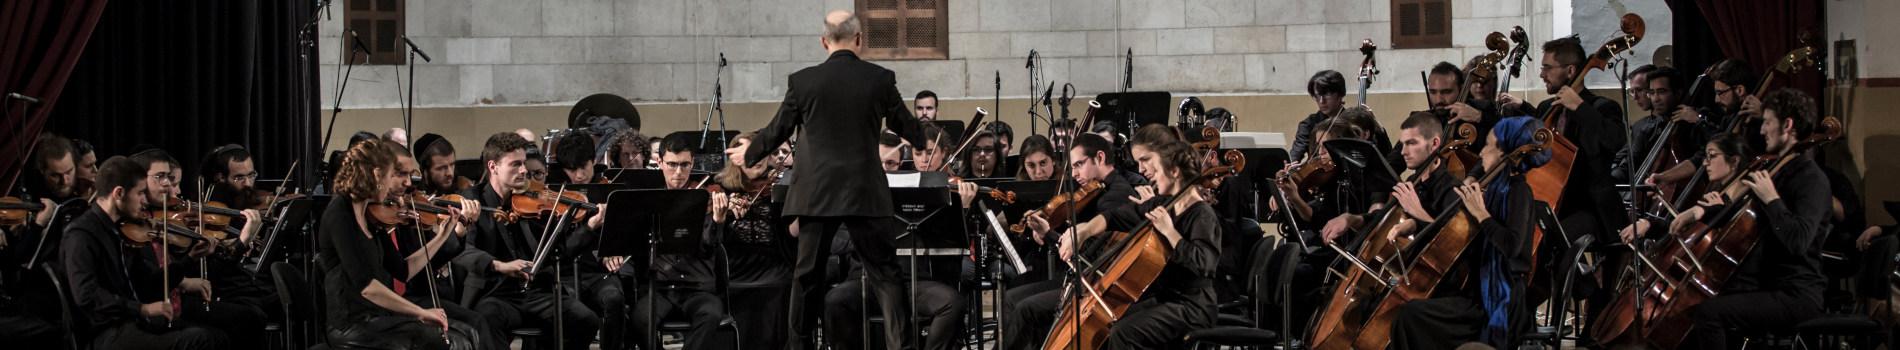 """קונצרט זוכי התחרות ע""""ש שרון תבור-פינץ לנגינת סולו עם תזמורת תשע""""ט"""